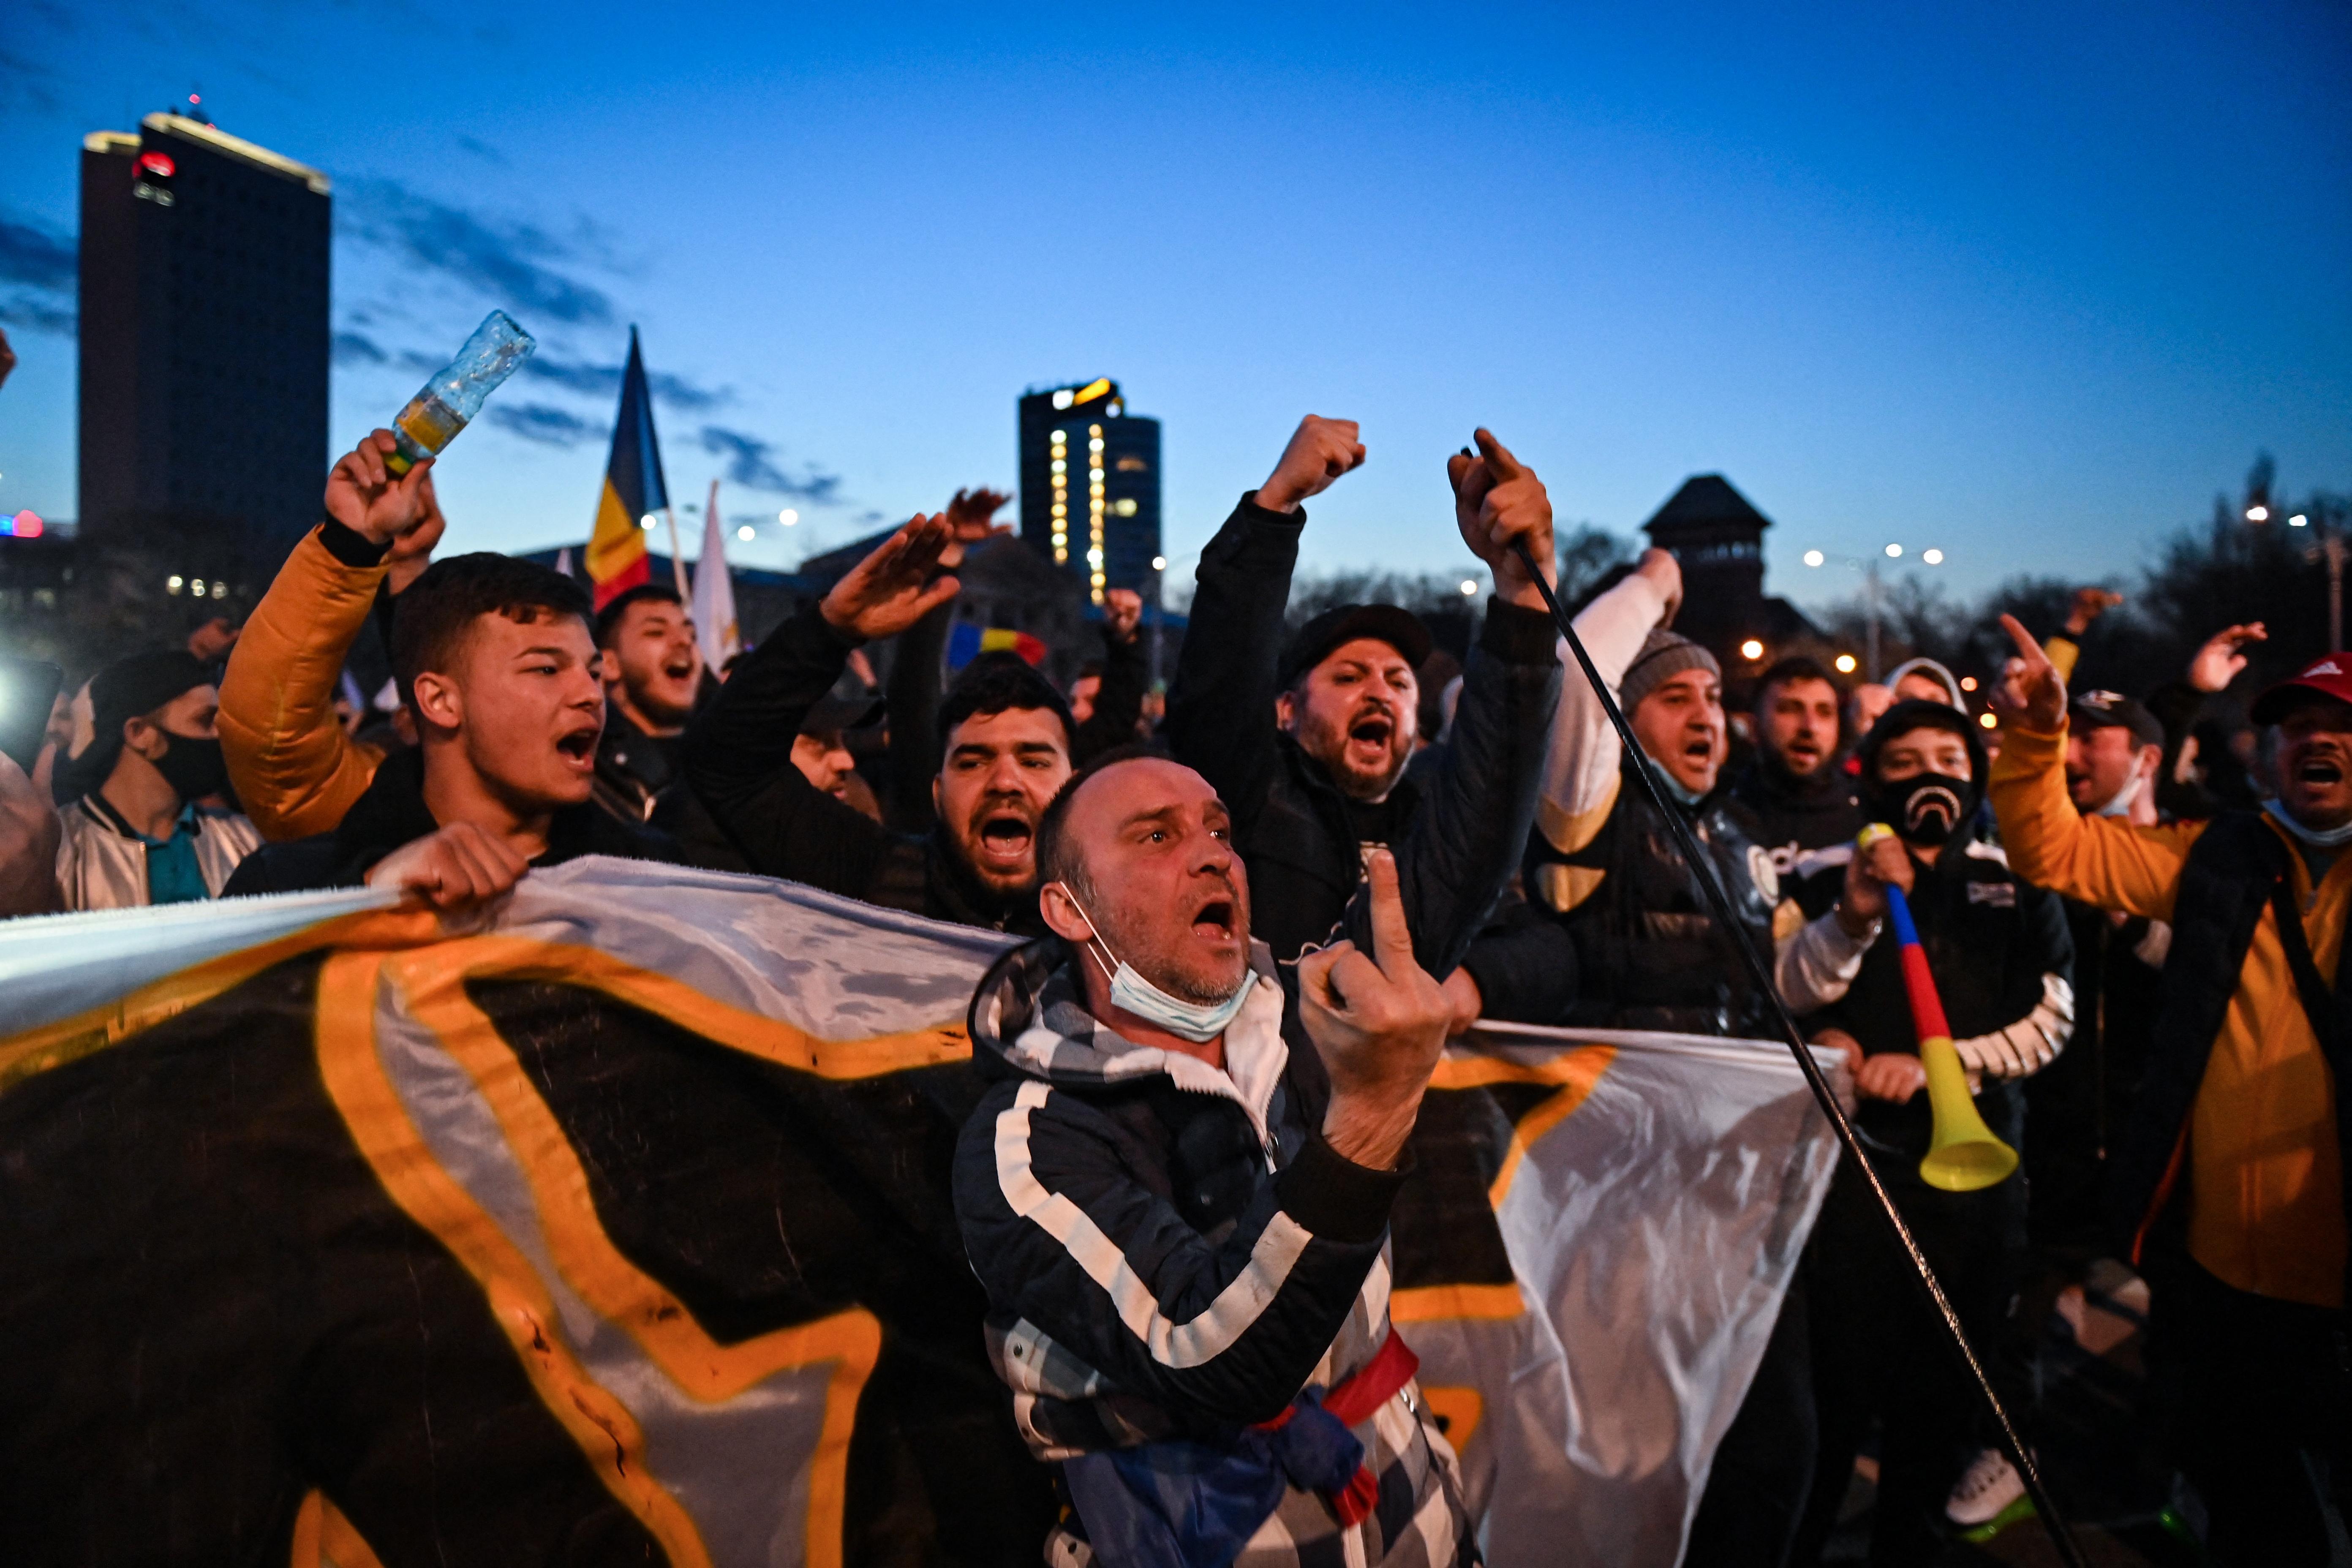 A romániai Pitestiben magyarellenességbe csapott át a koronavírus-korlátozások elleni tüntetés